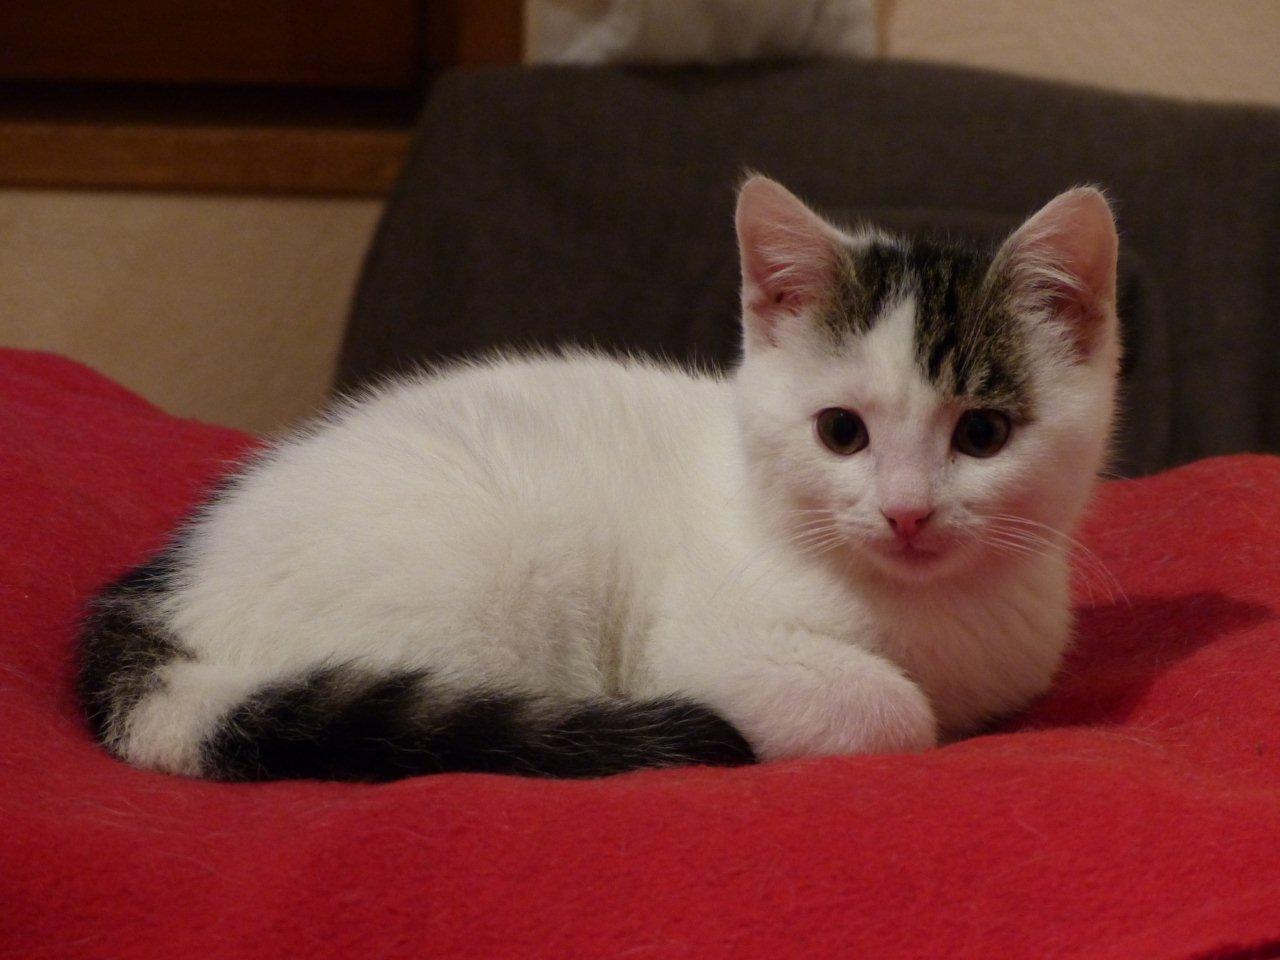 JASKO - M - Né le 01/09/2014 - Adopté en décembre 2014